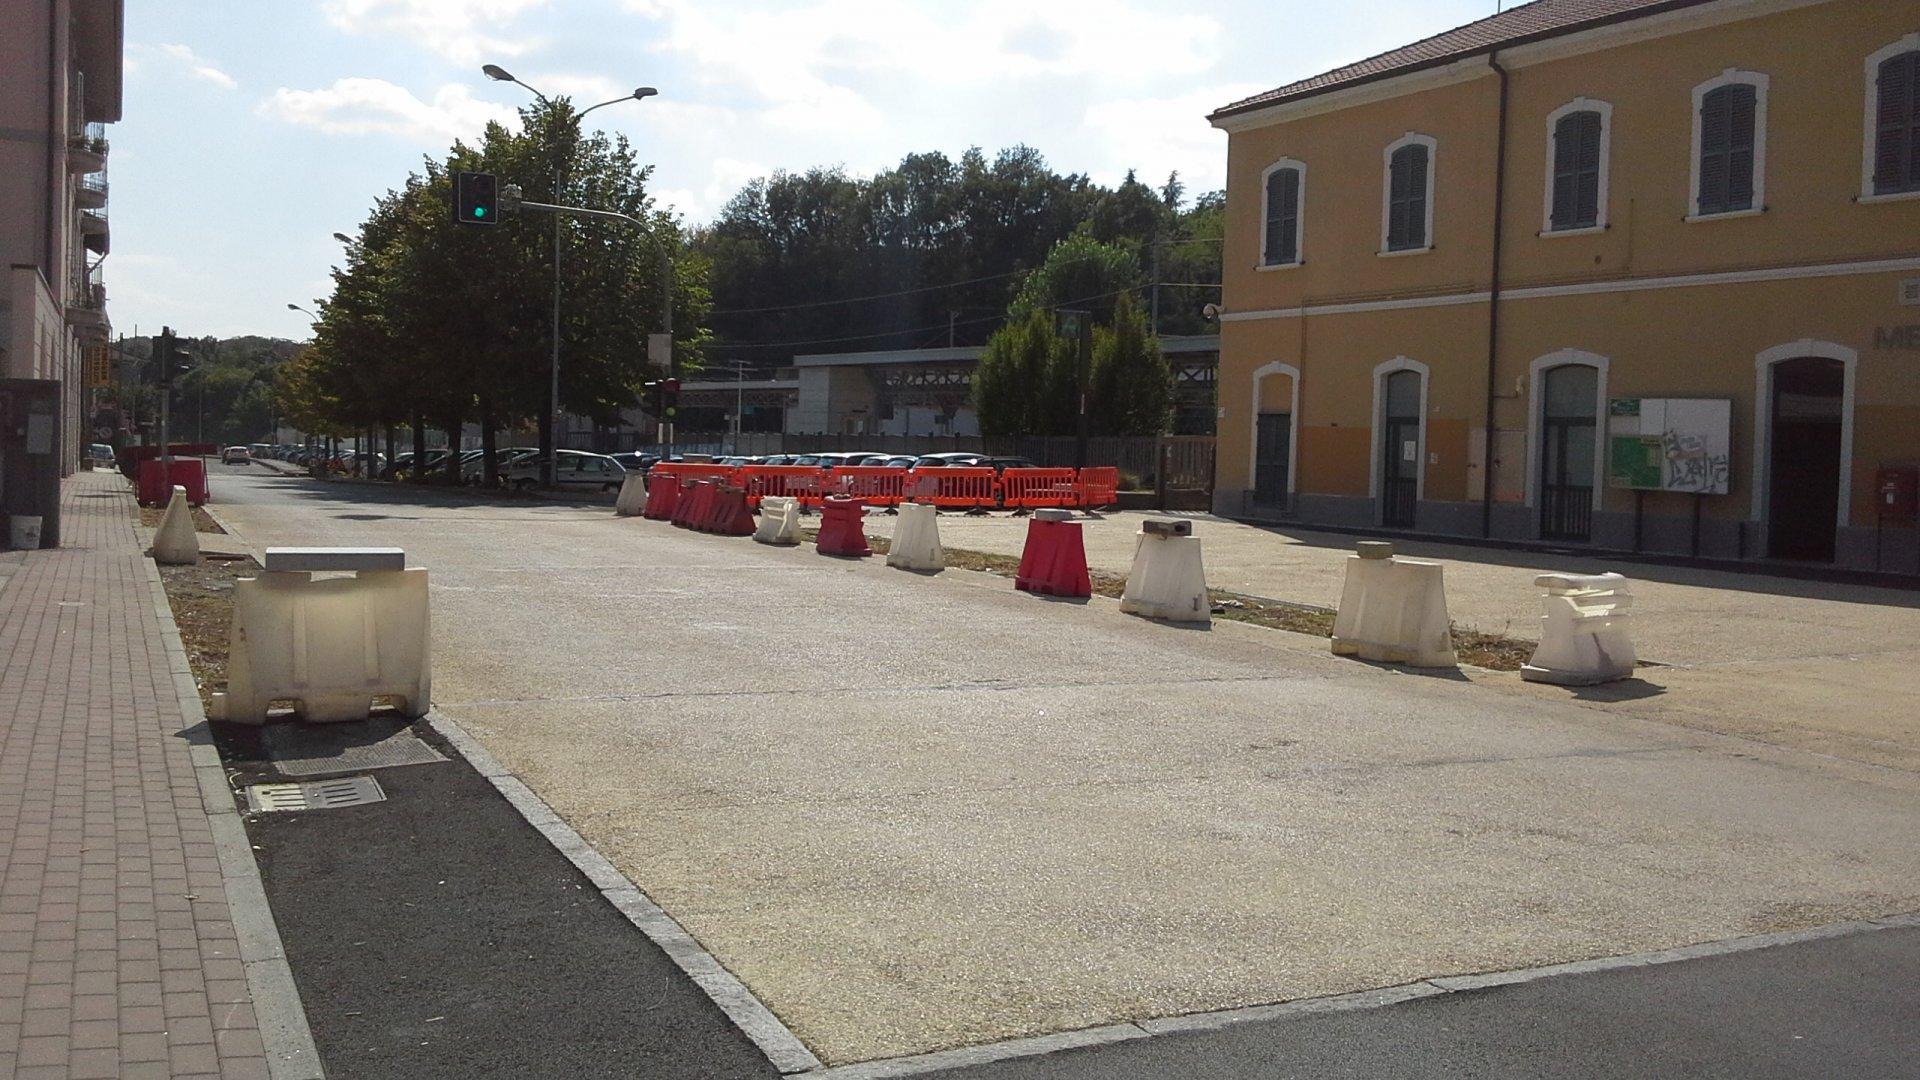 """Lavori da rifare in via Emiliani a Merone. Il sindaco: """"Difetti strutturali ed estetici"""" - Giornale di Como - Giornale di Como"""